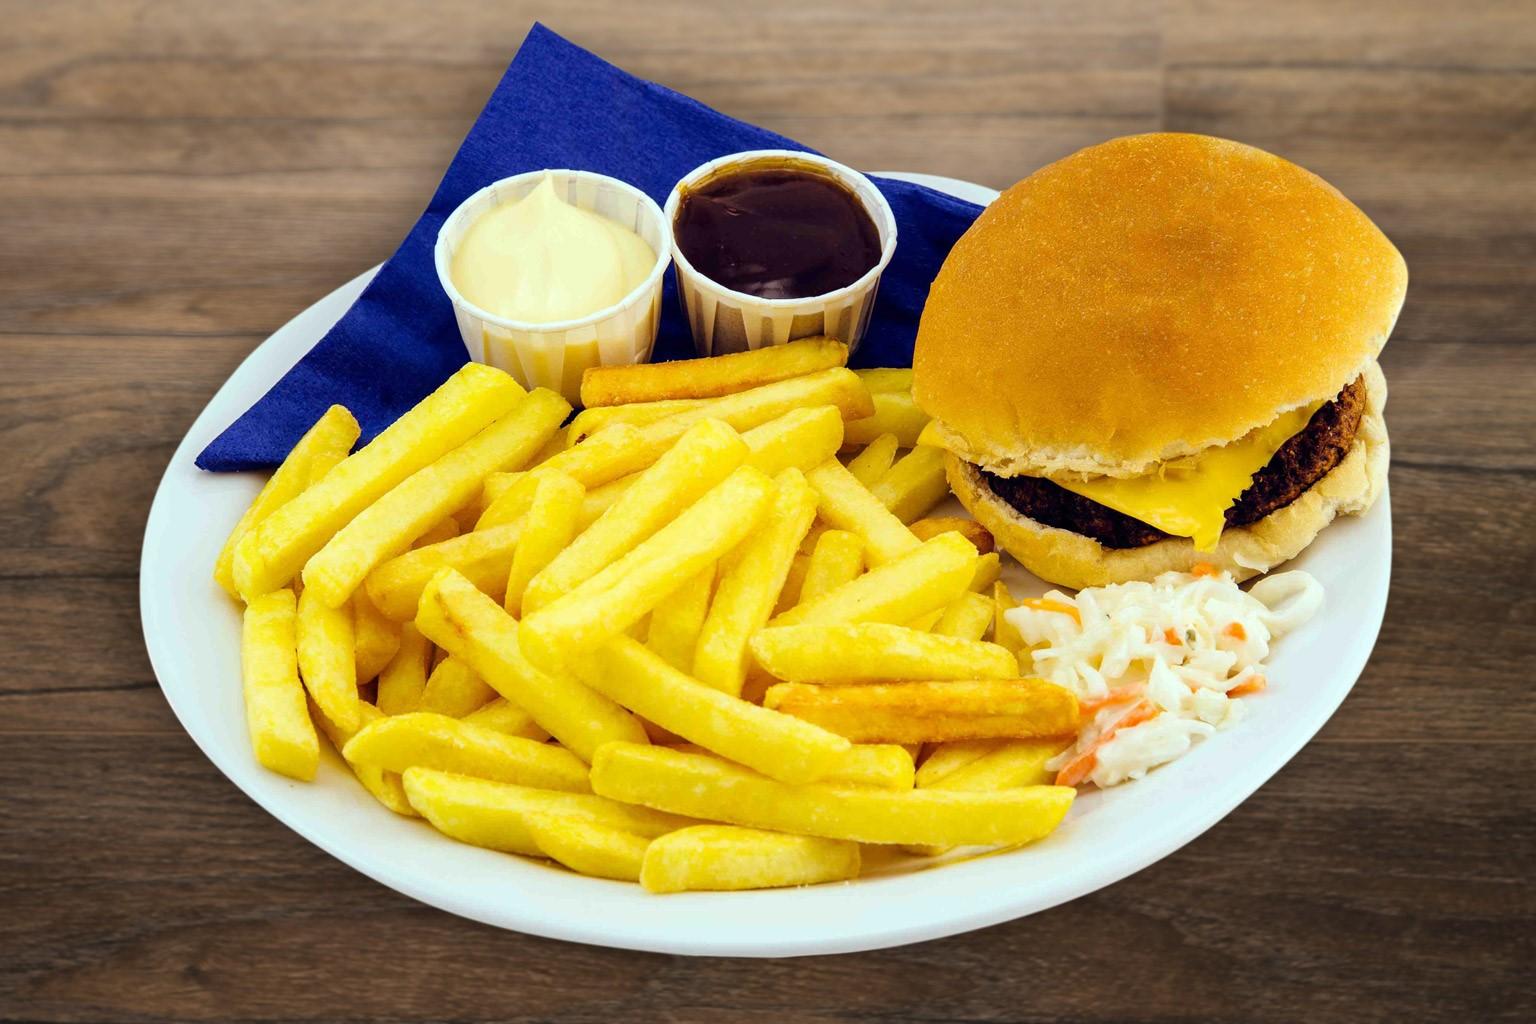 Geniet van een lekker broodje hamburger met friet bij ZERO55 in Enschede